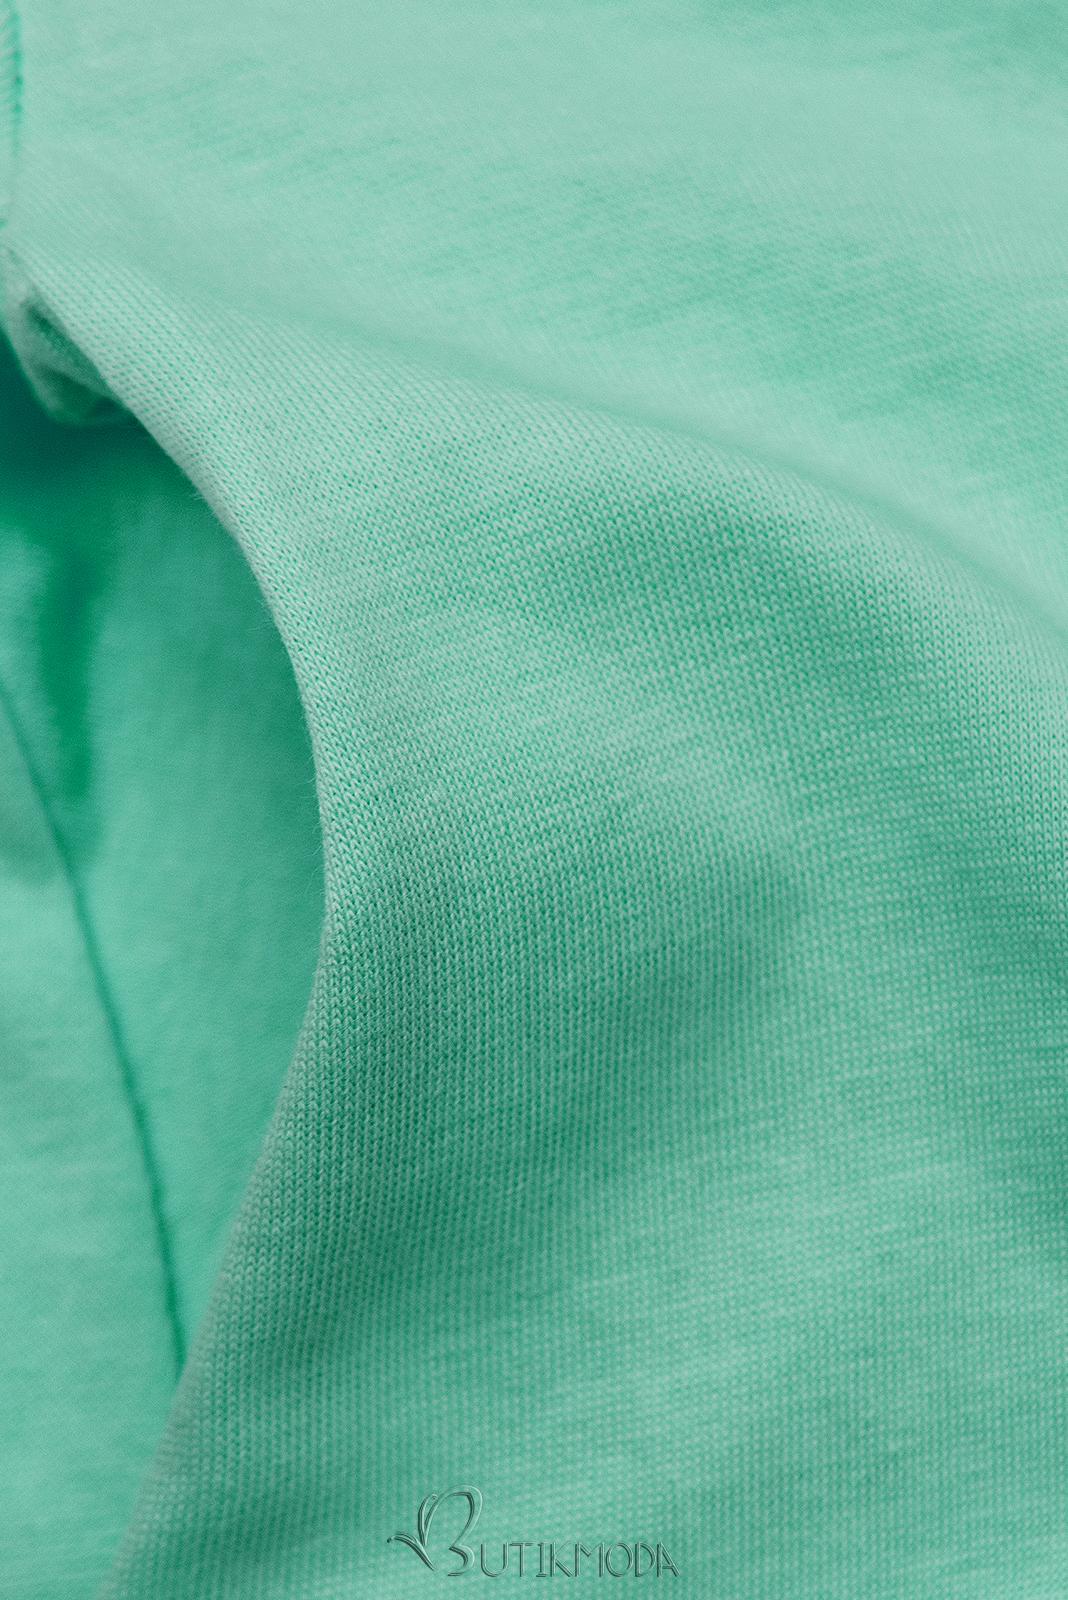 Mentazöld színű ruha rátéttel SUMMER